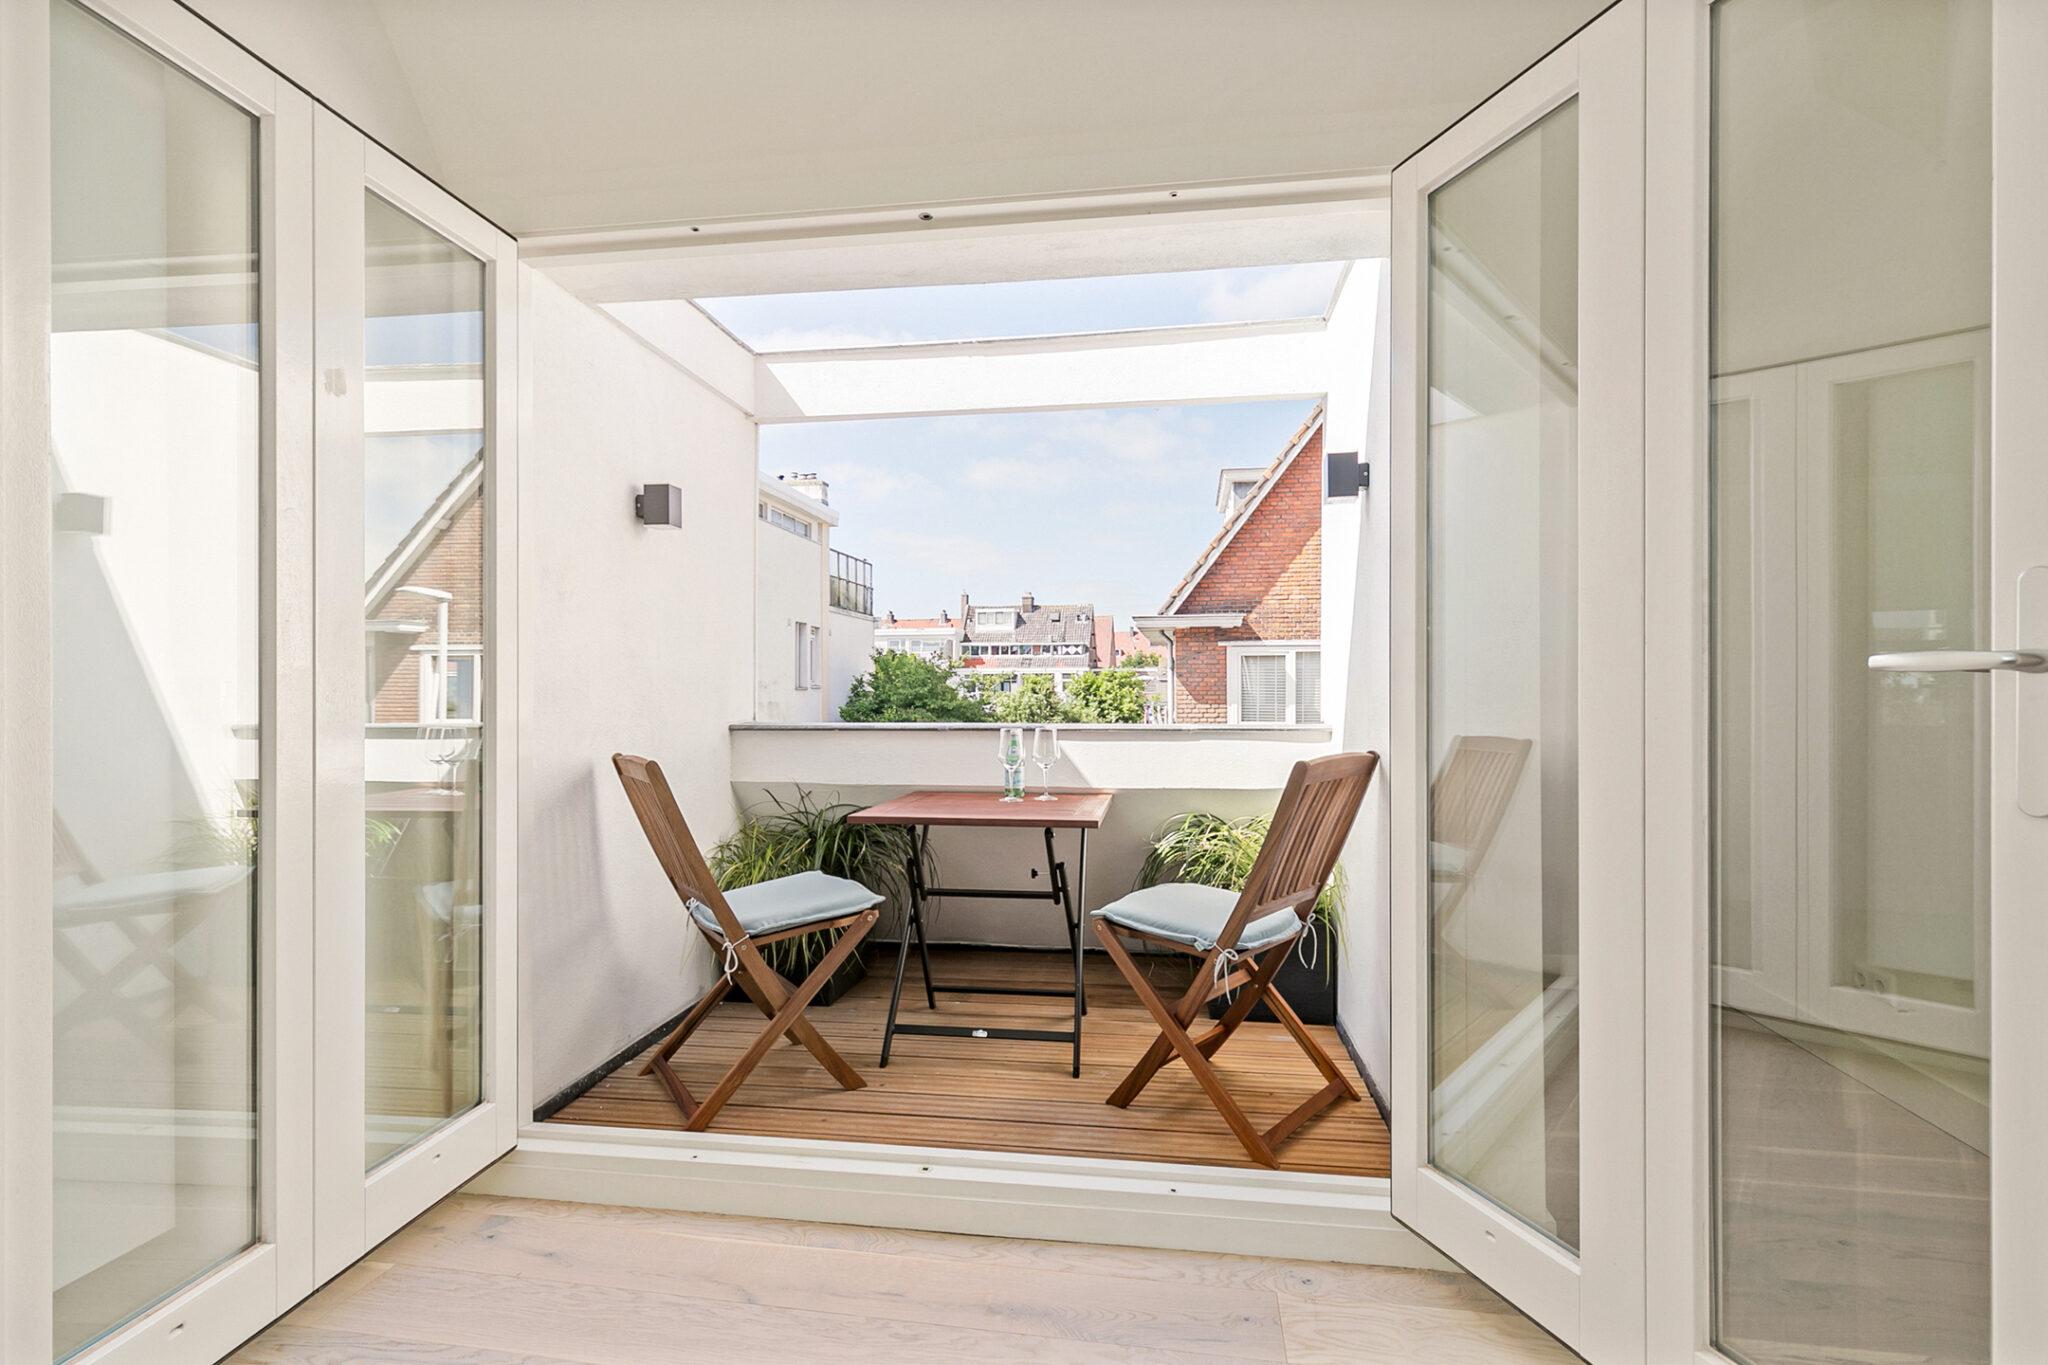 Pieter van Aschstraat 2B terras met volledig openslaande deuren